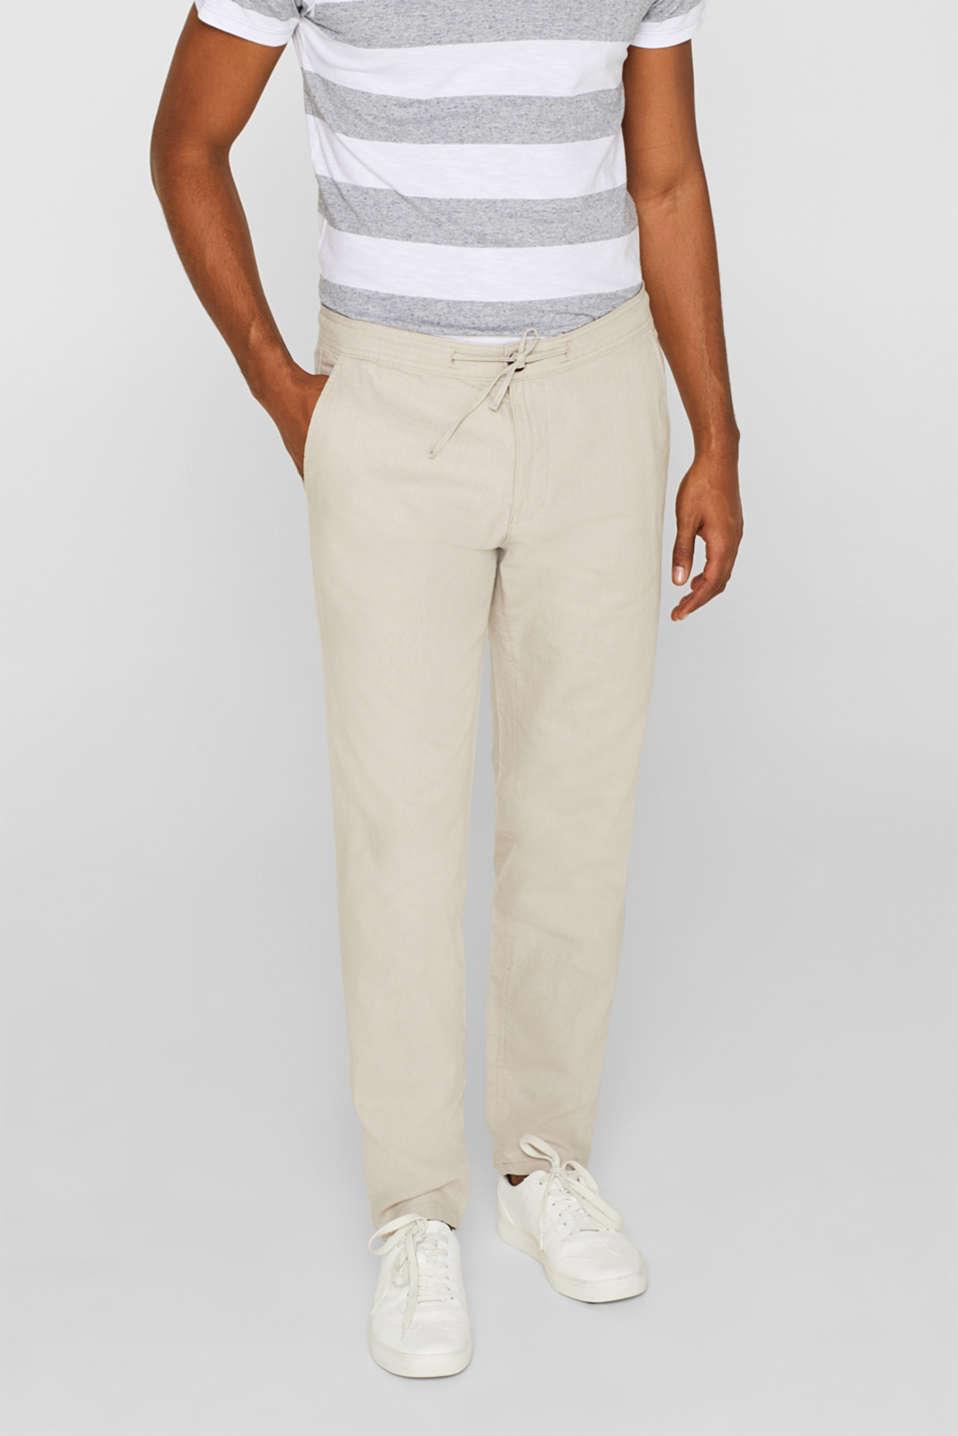 a2b33cd94 Esprit : En lin mélangé : le pantalon à cordon coulissant à la ...